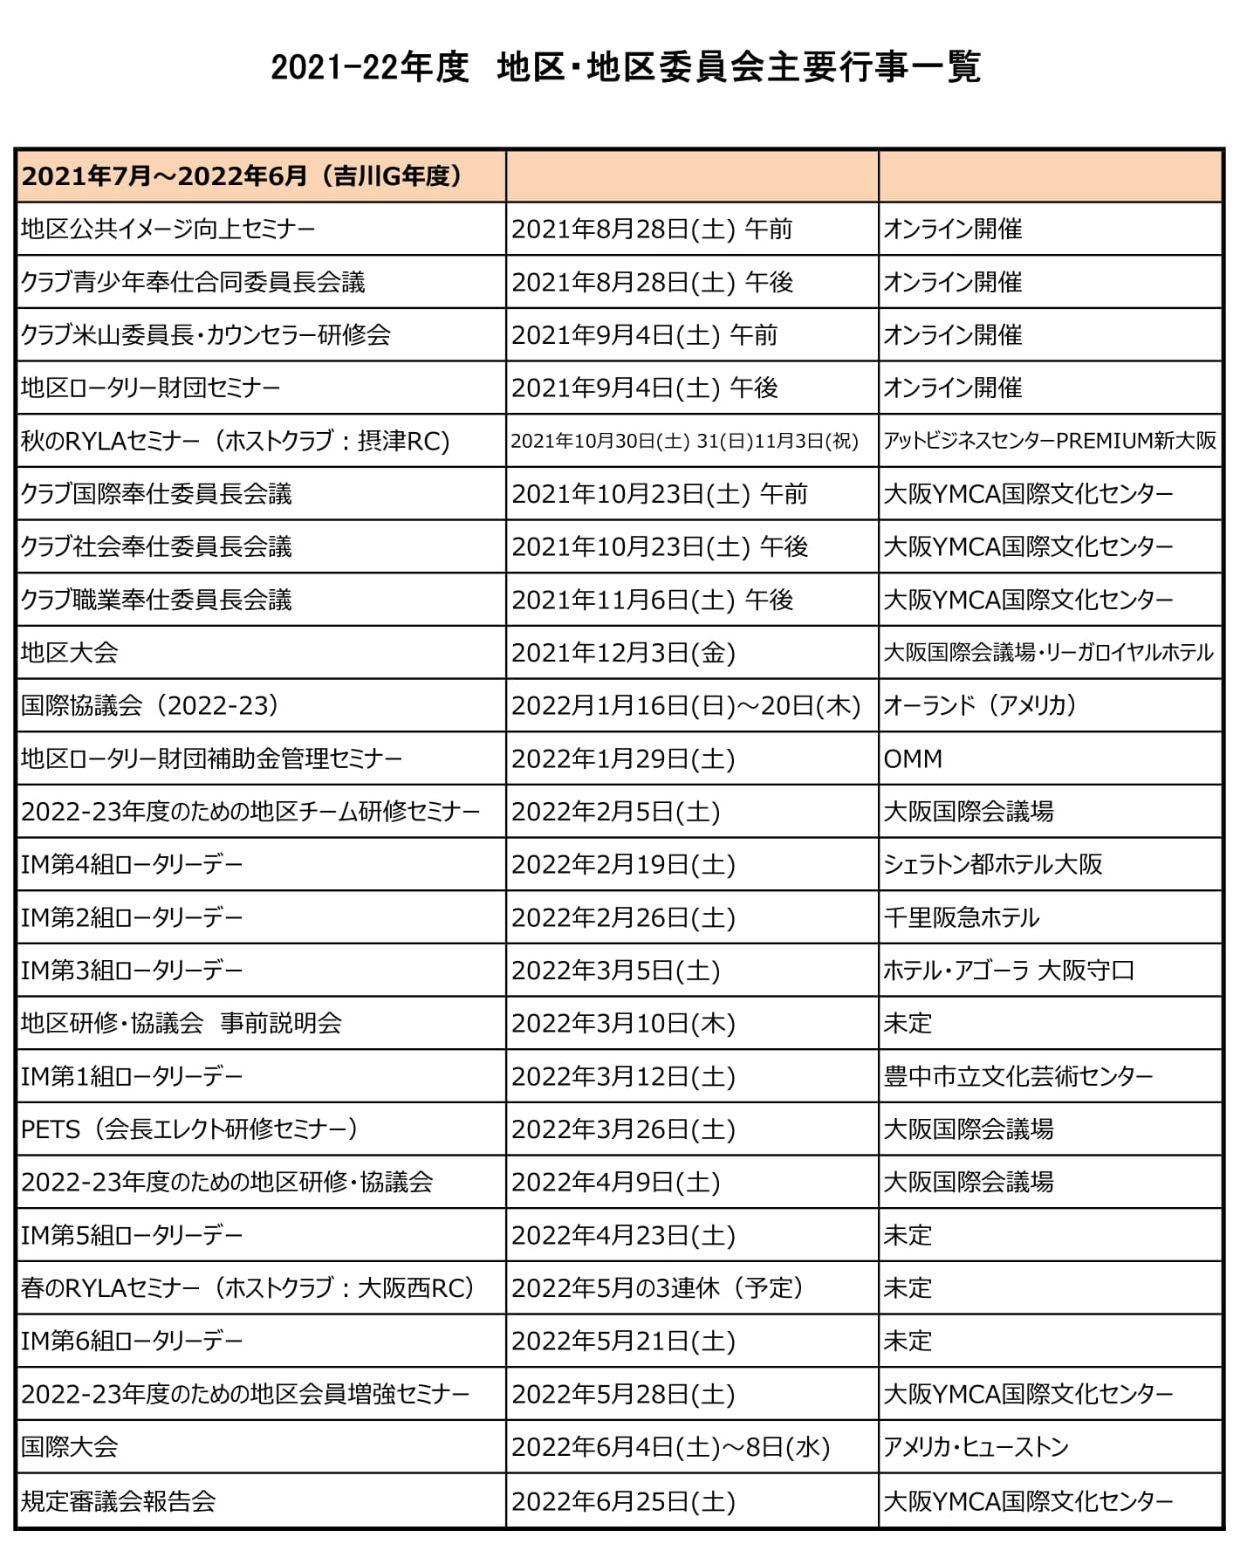 2021-22地区行事日程